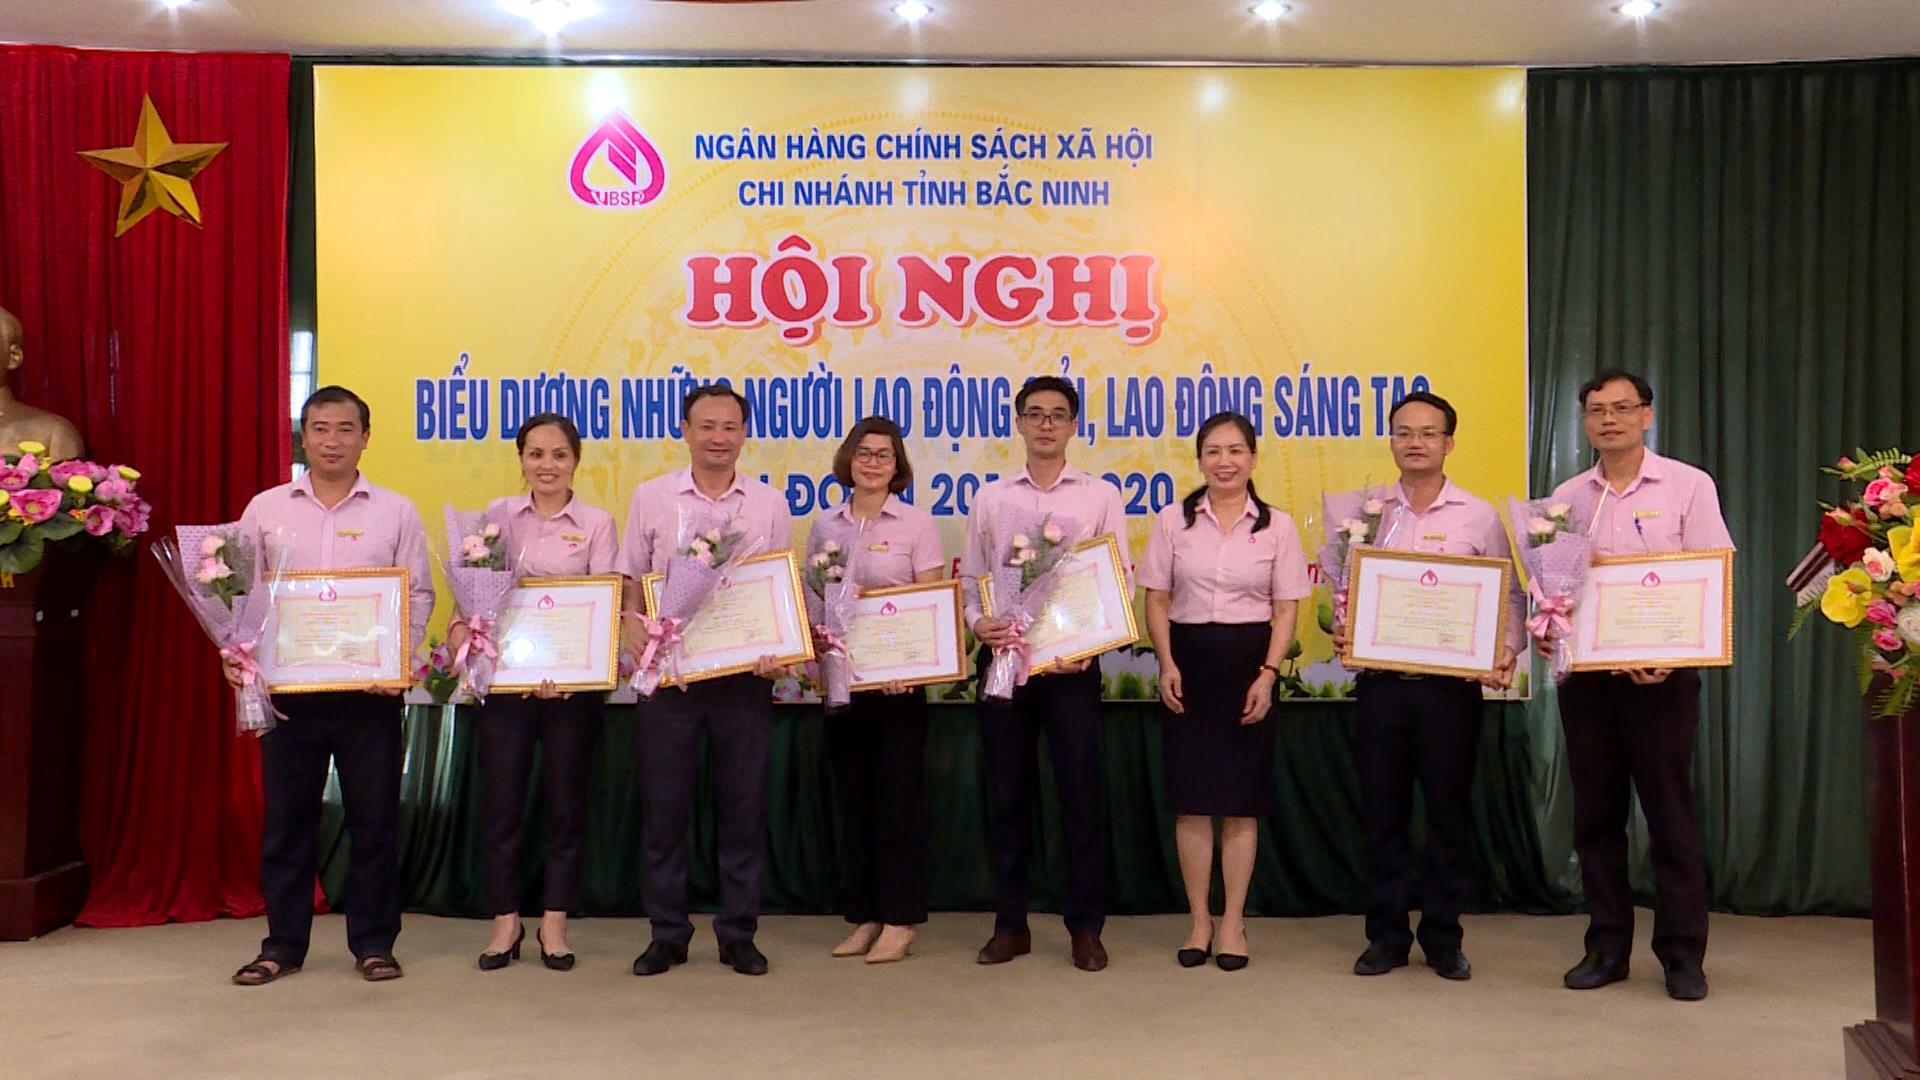 Ngân hàng Chính sách xã hội tỉnh tổng kết công tác thi đua khen thưởng